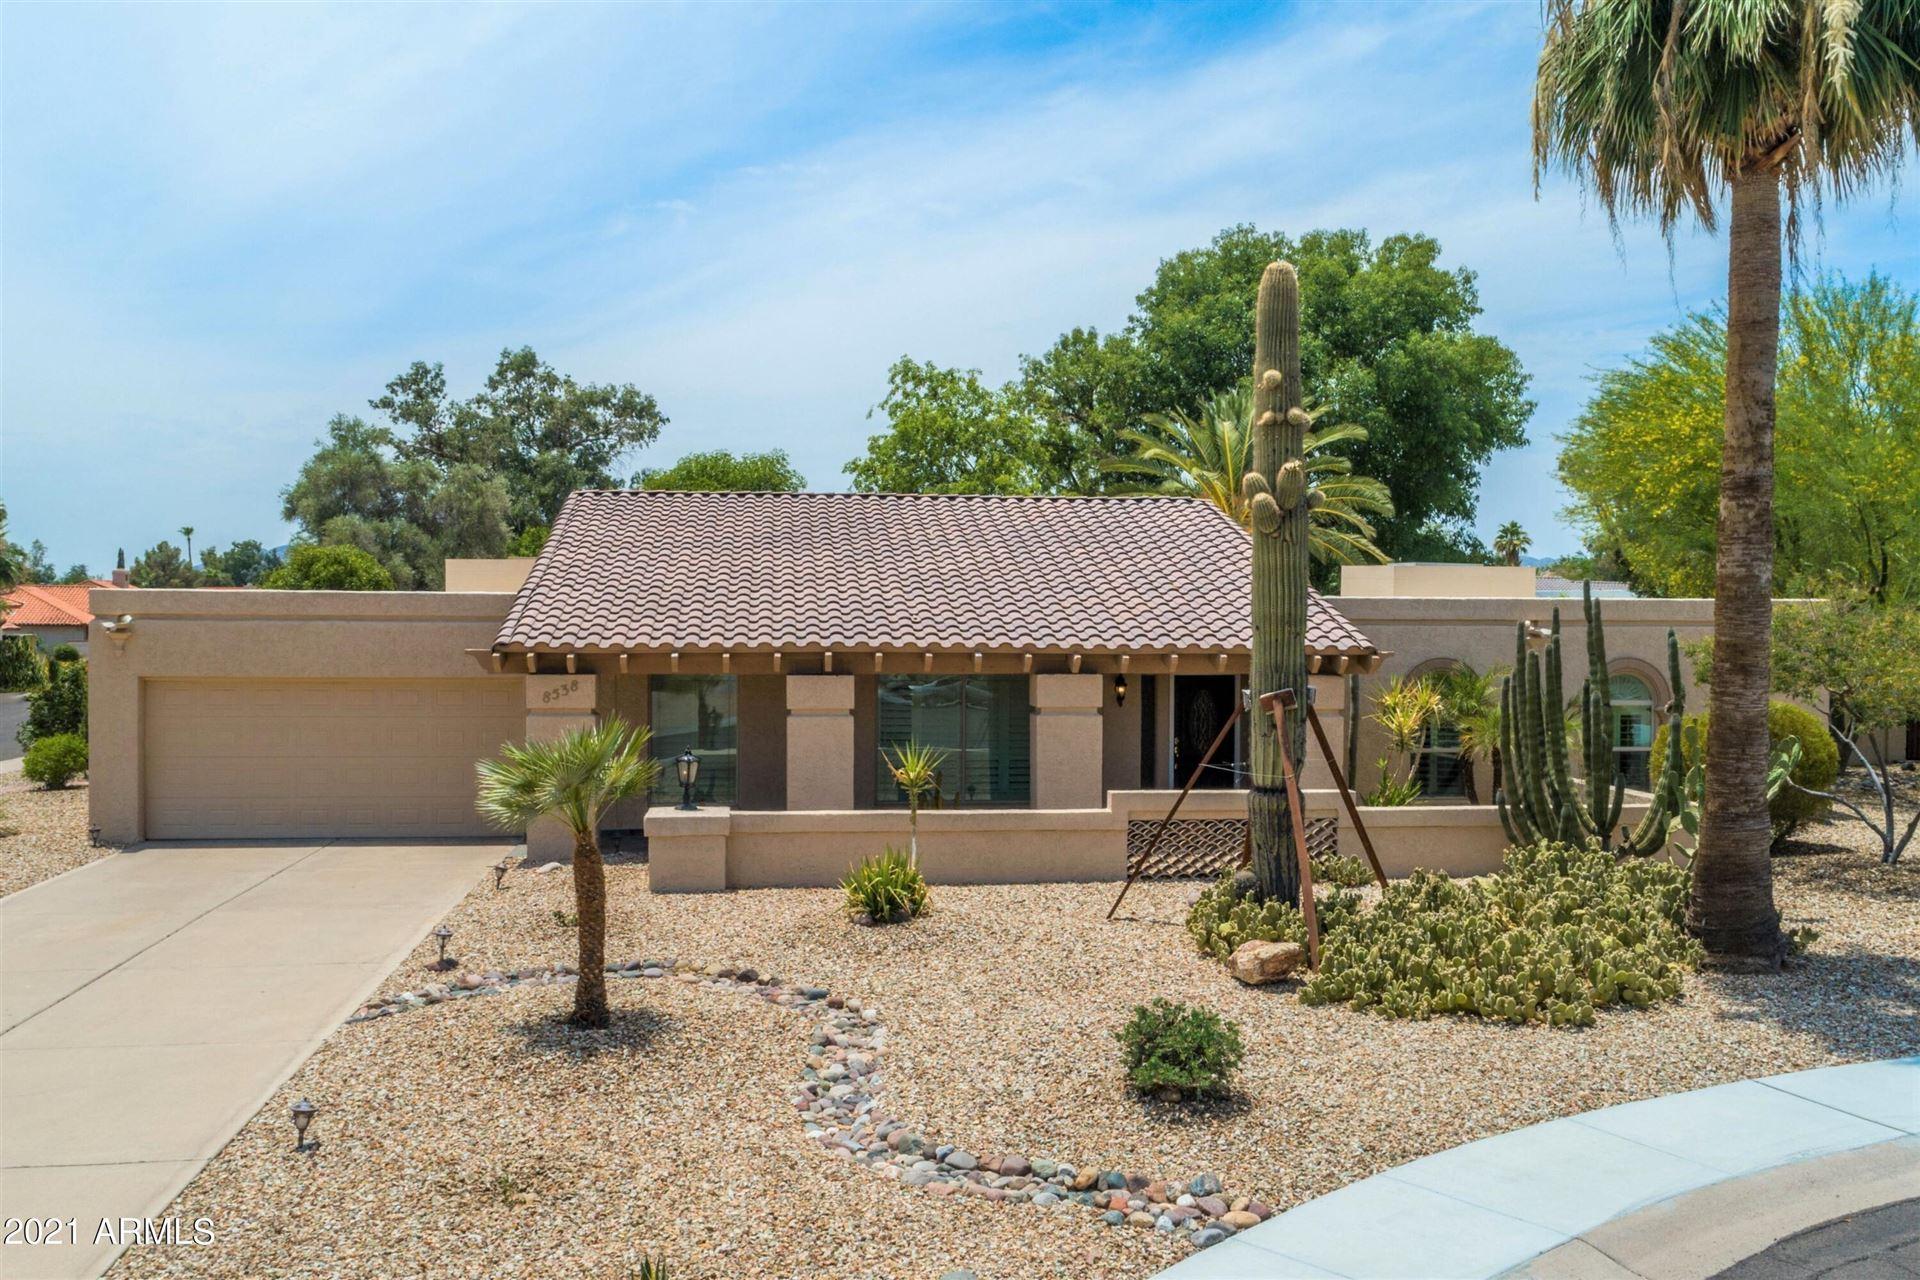 8538 E SAN LORENZO Drive, Scottsdale, AZ 85258 - MLS#: 6255496